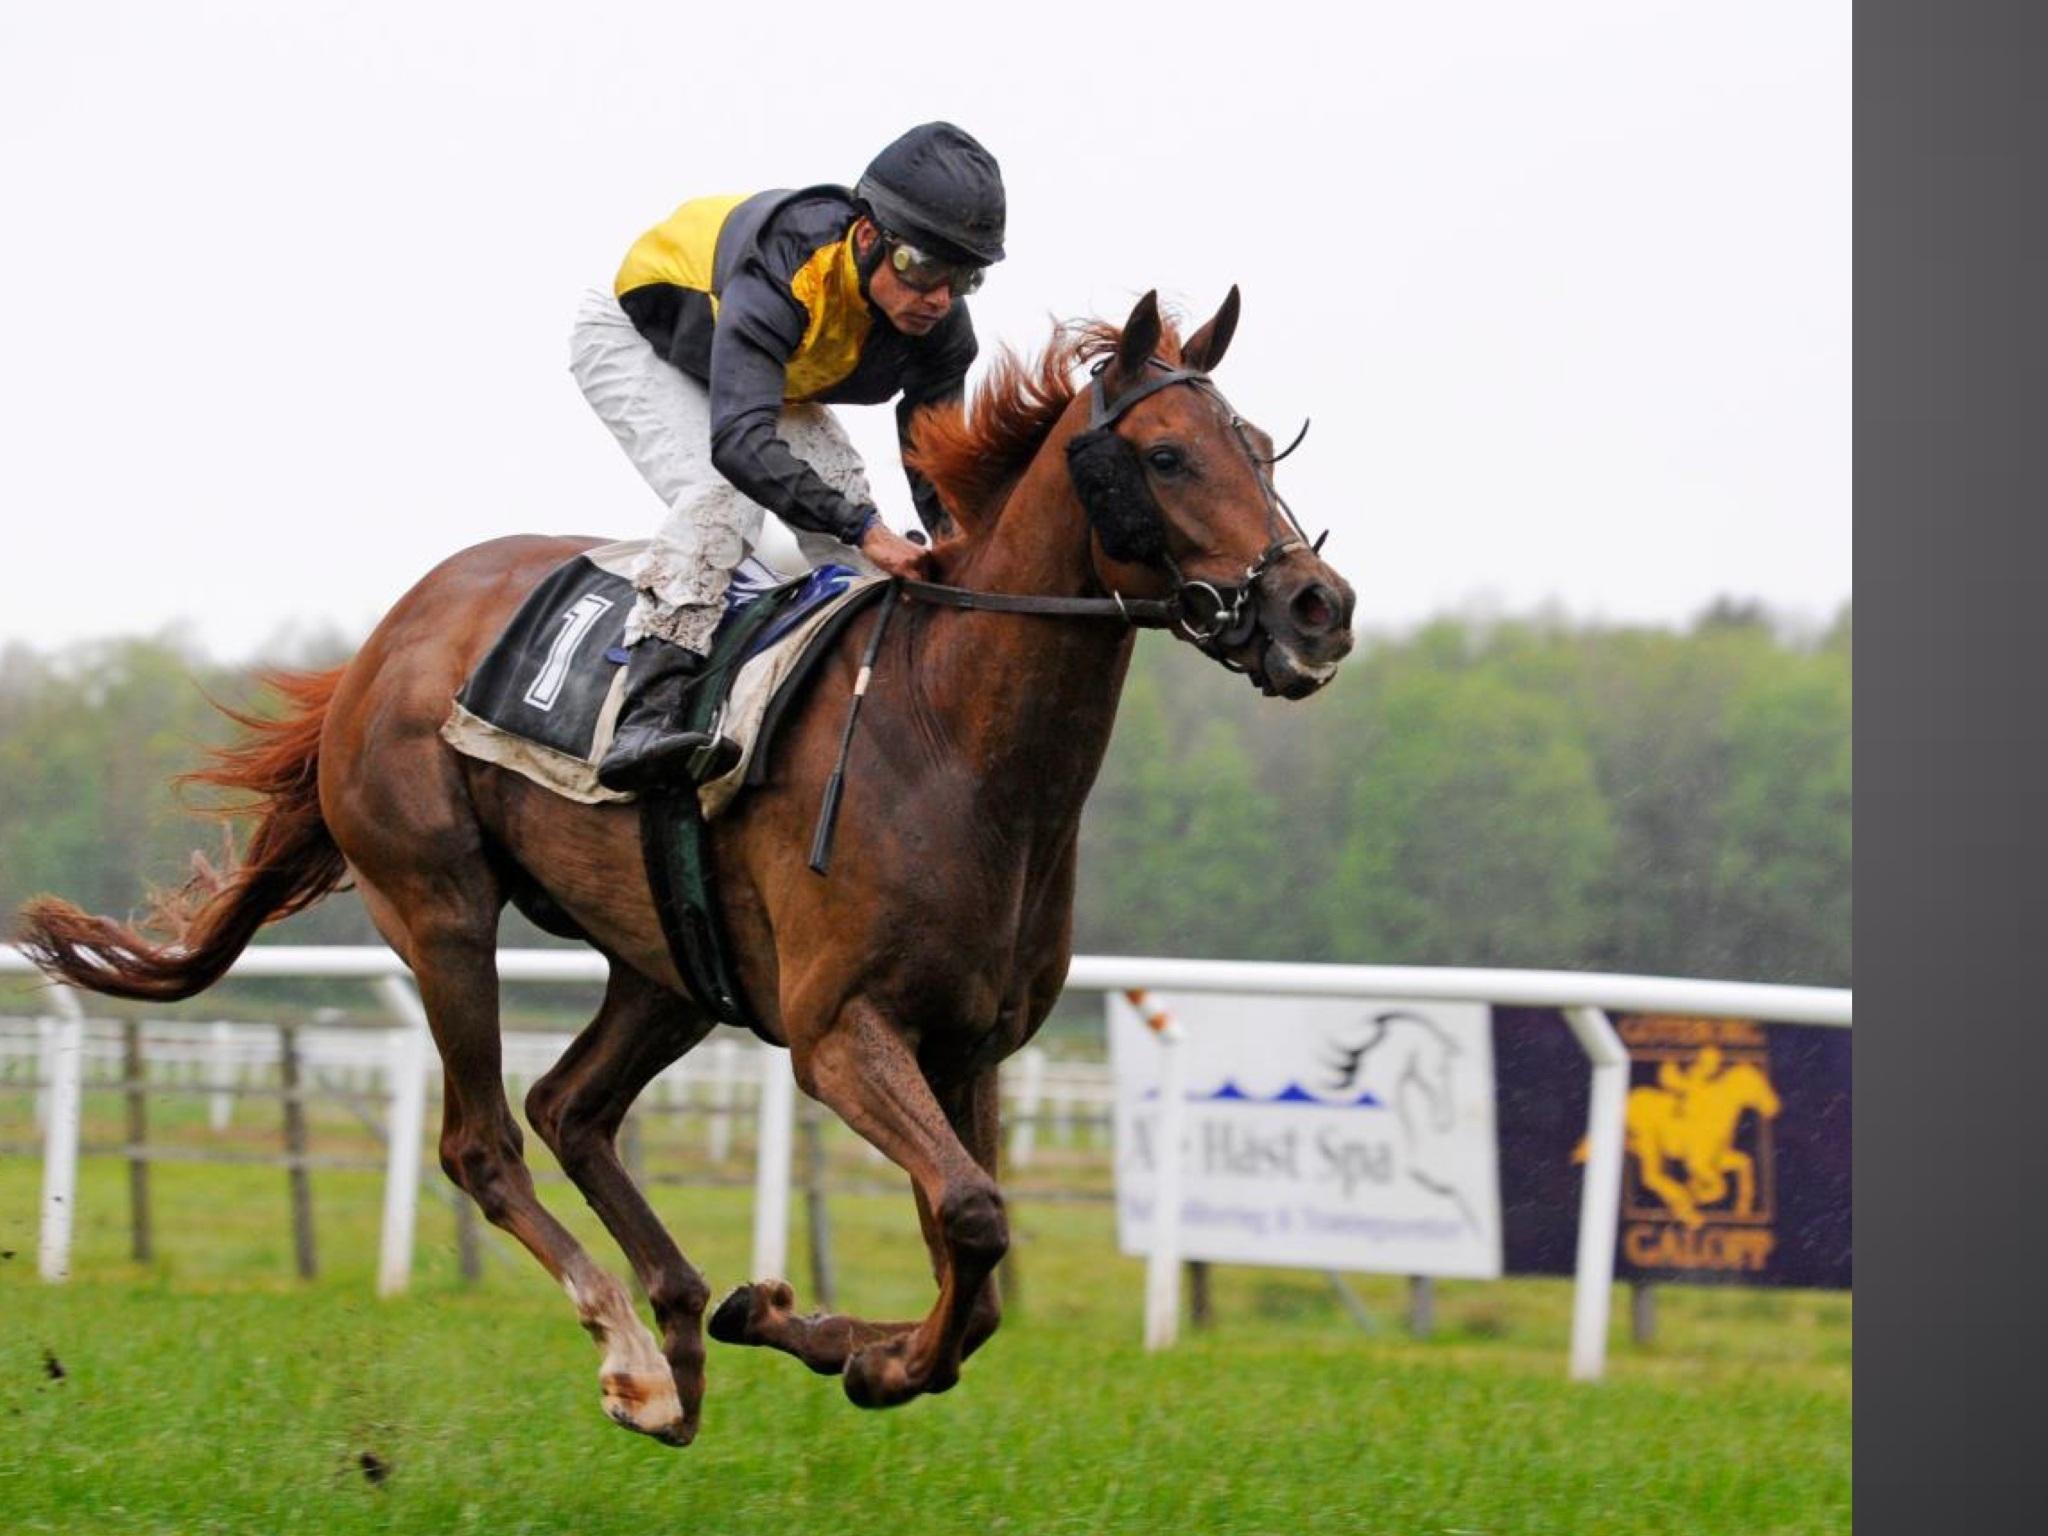 Конный спорт - плюсы и минусы, разновидности конного спорта в наши дни